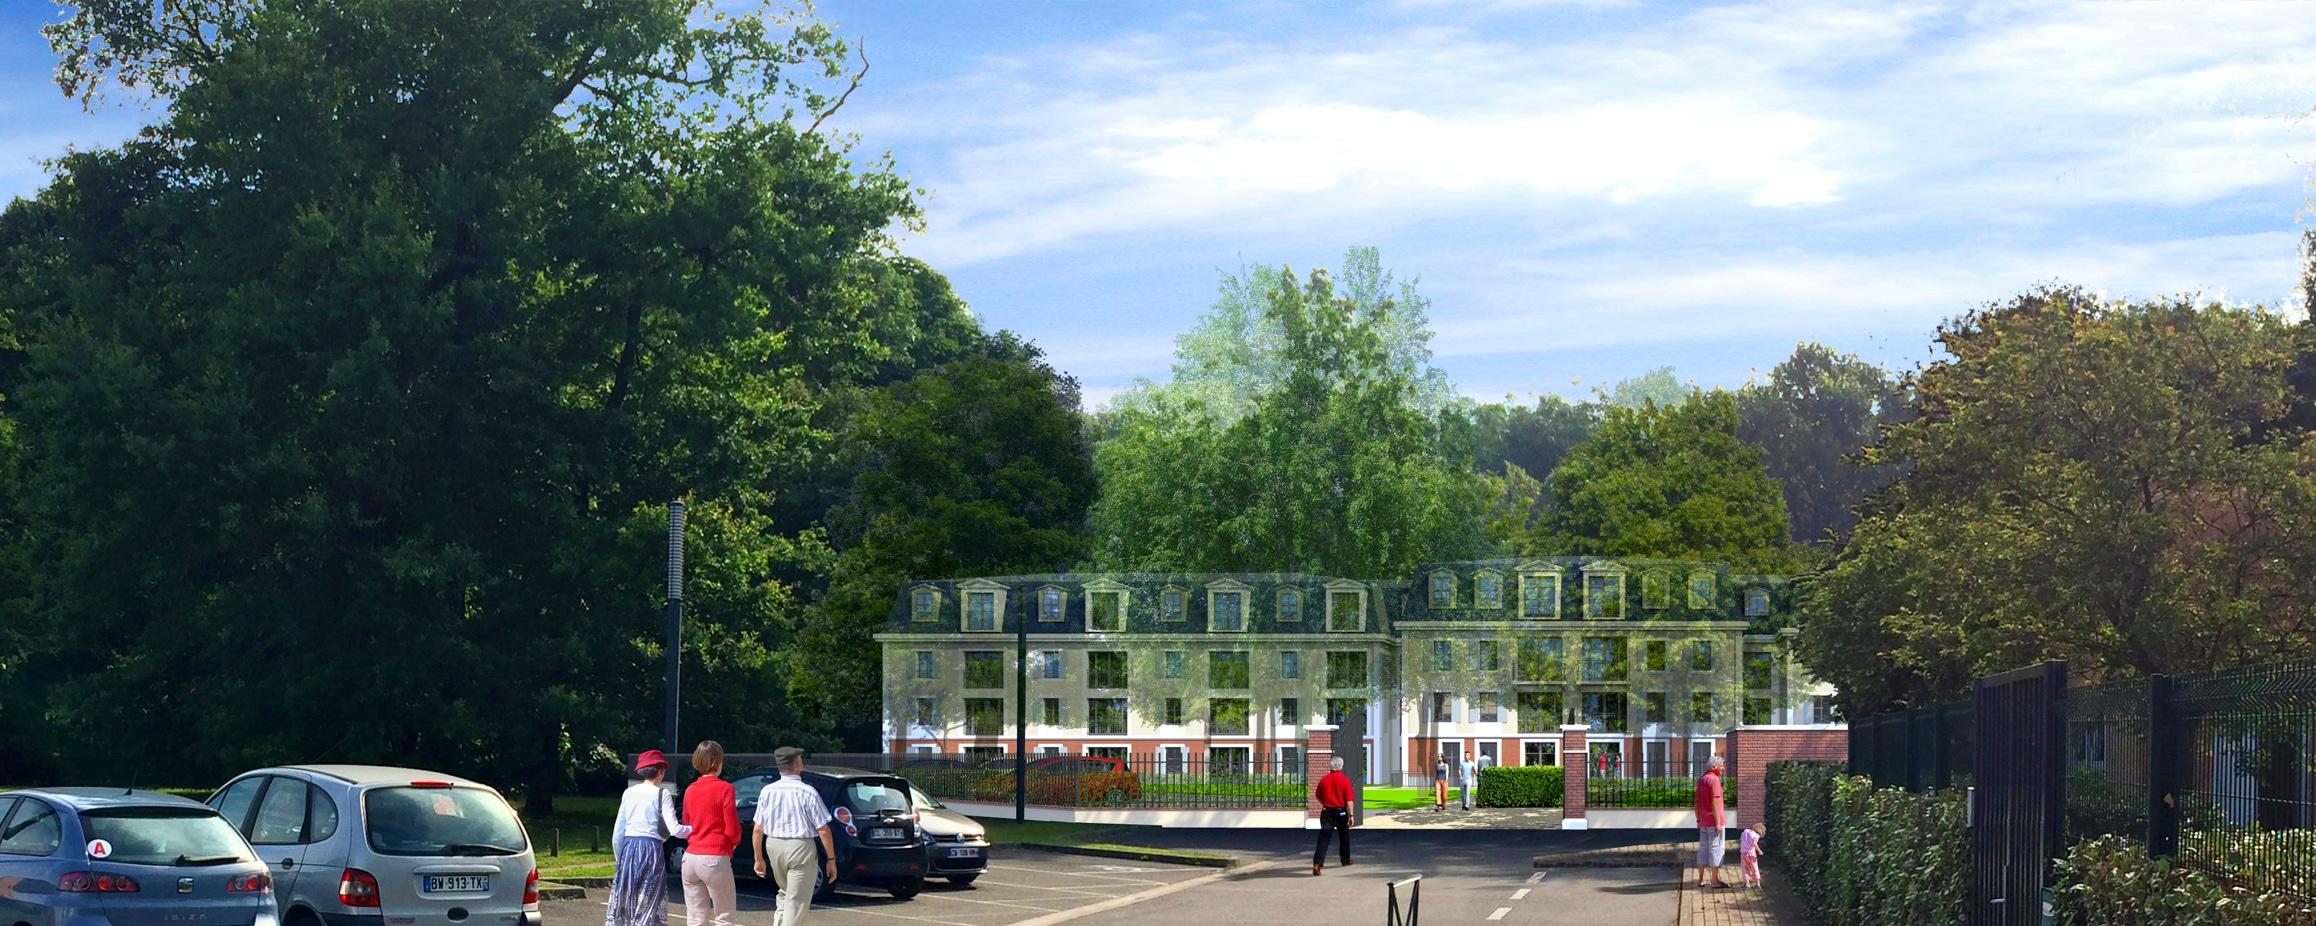 RESIDENCE SENI'OR III - 104 logements